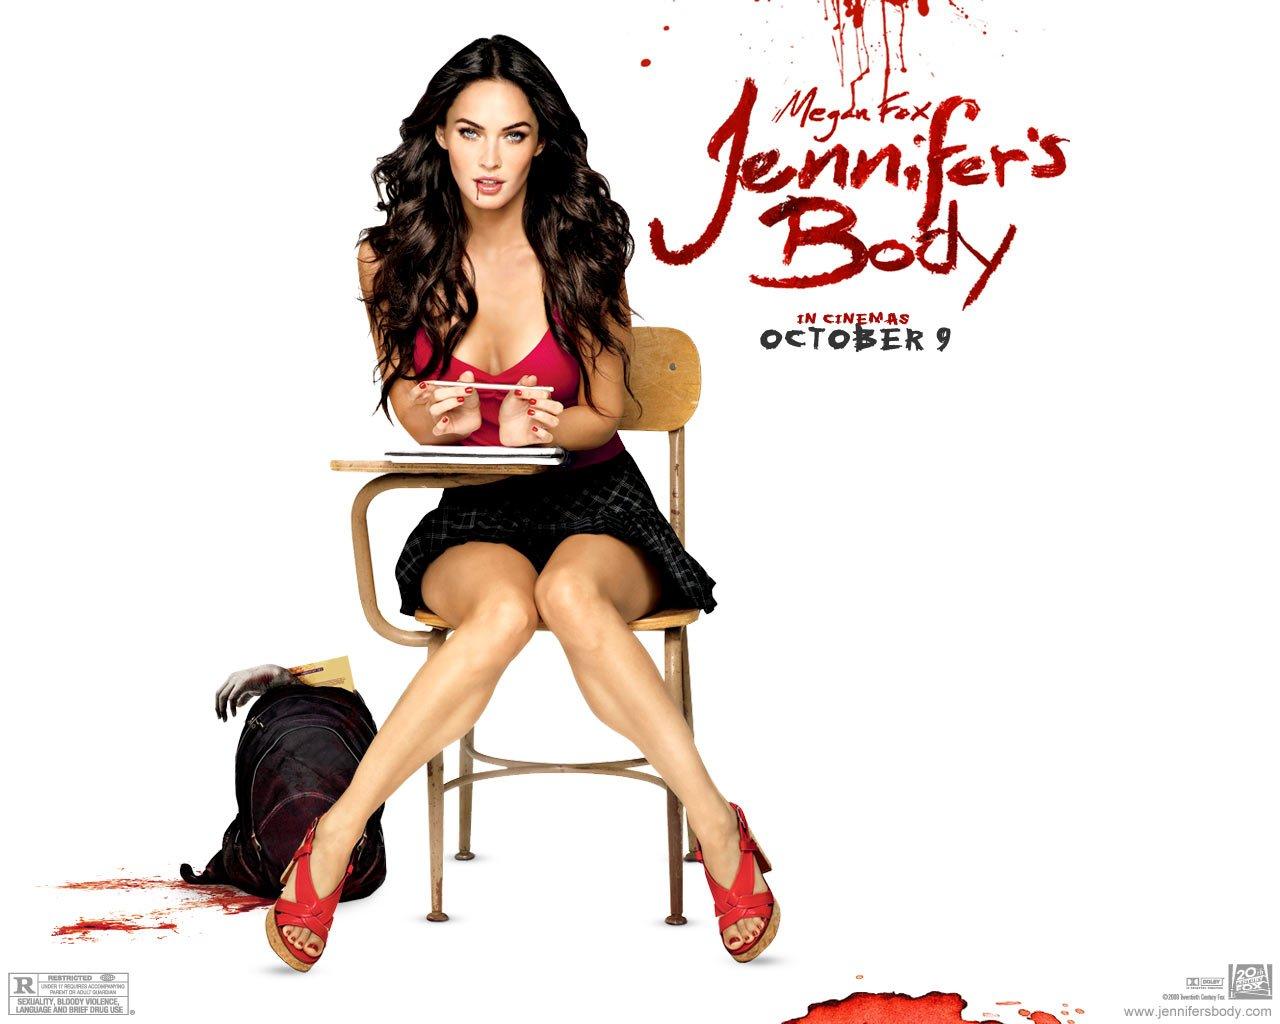 http://3.bp.blogspot.com/_fMjLwTFTrsM/TMQkjGN1s7I/AAAAAAAAAiw/VNwdqJmgR4Y/s1600/Wallpapers_Megan_Fox_en_Jennifer-s-Body.jpg